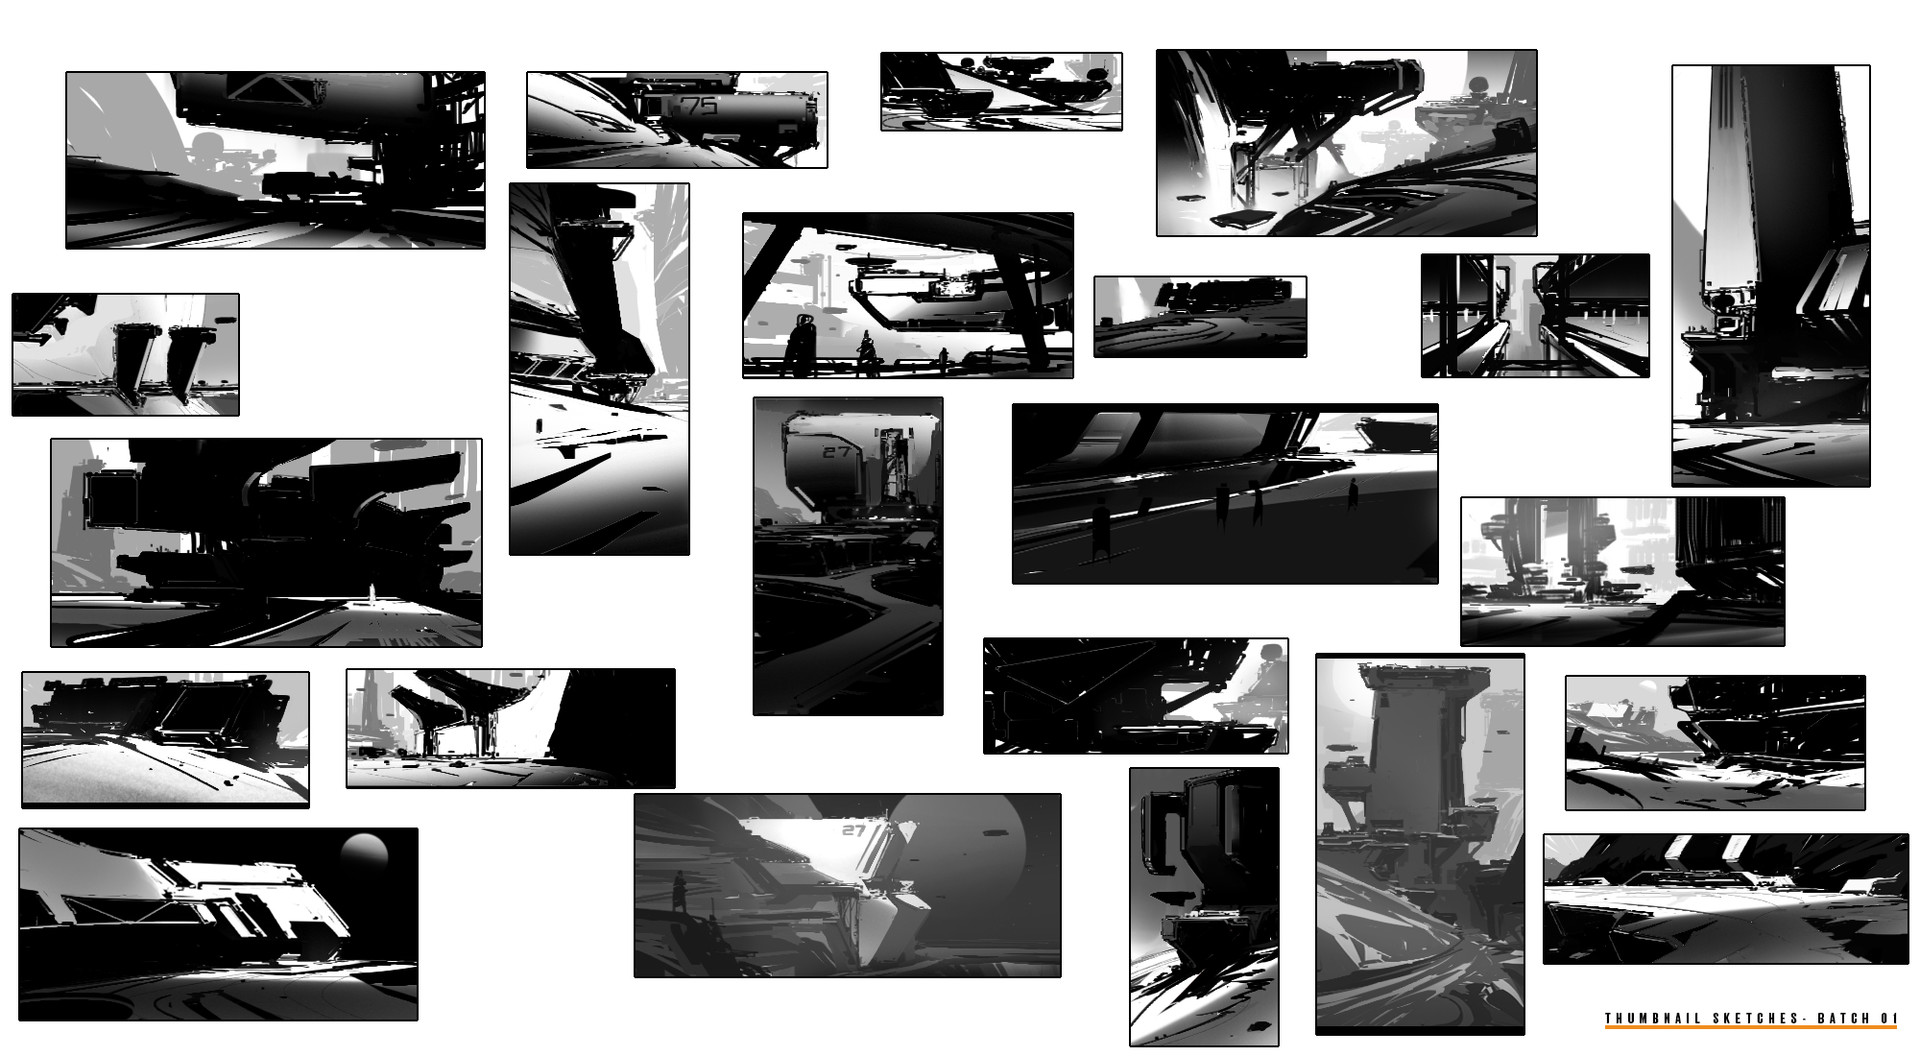 Thumbnail Exploration Batch 01